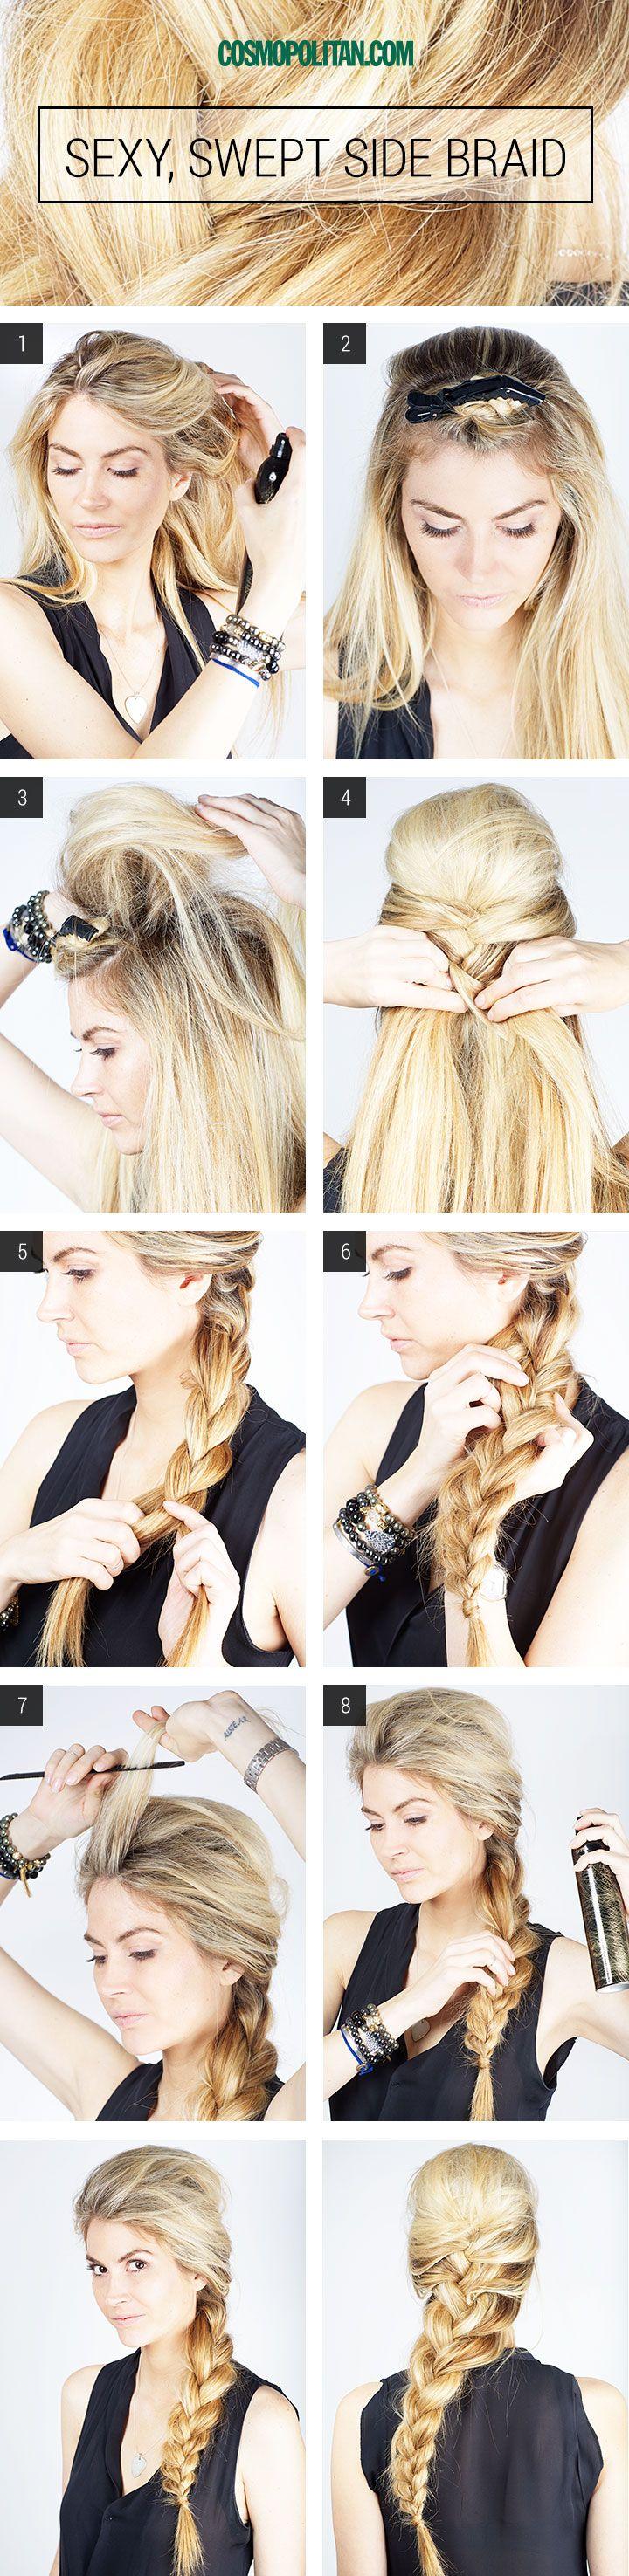 Diy sexy side braid fashion style diy easy diy diy beauty diy hair